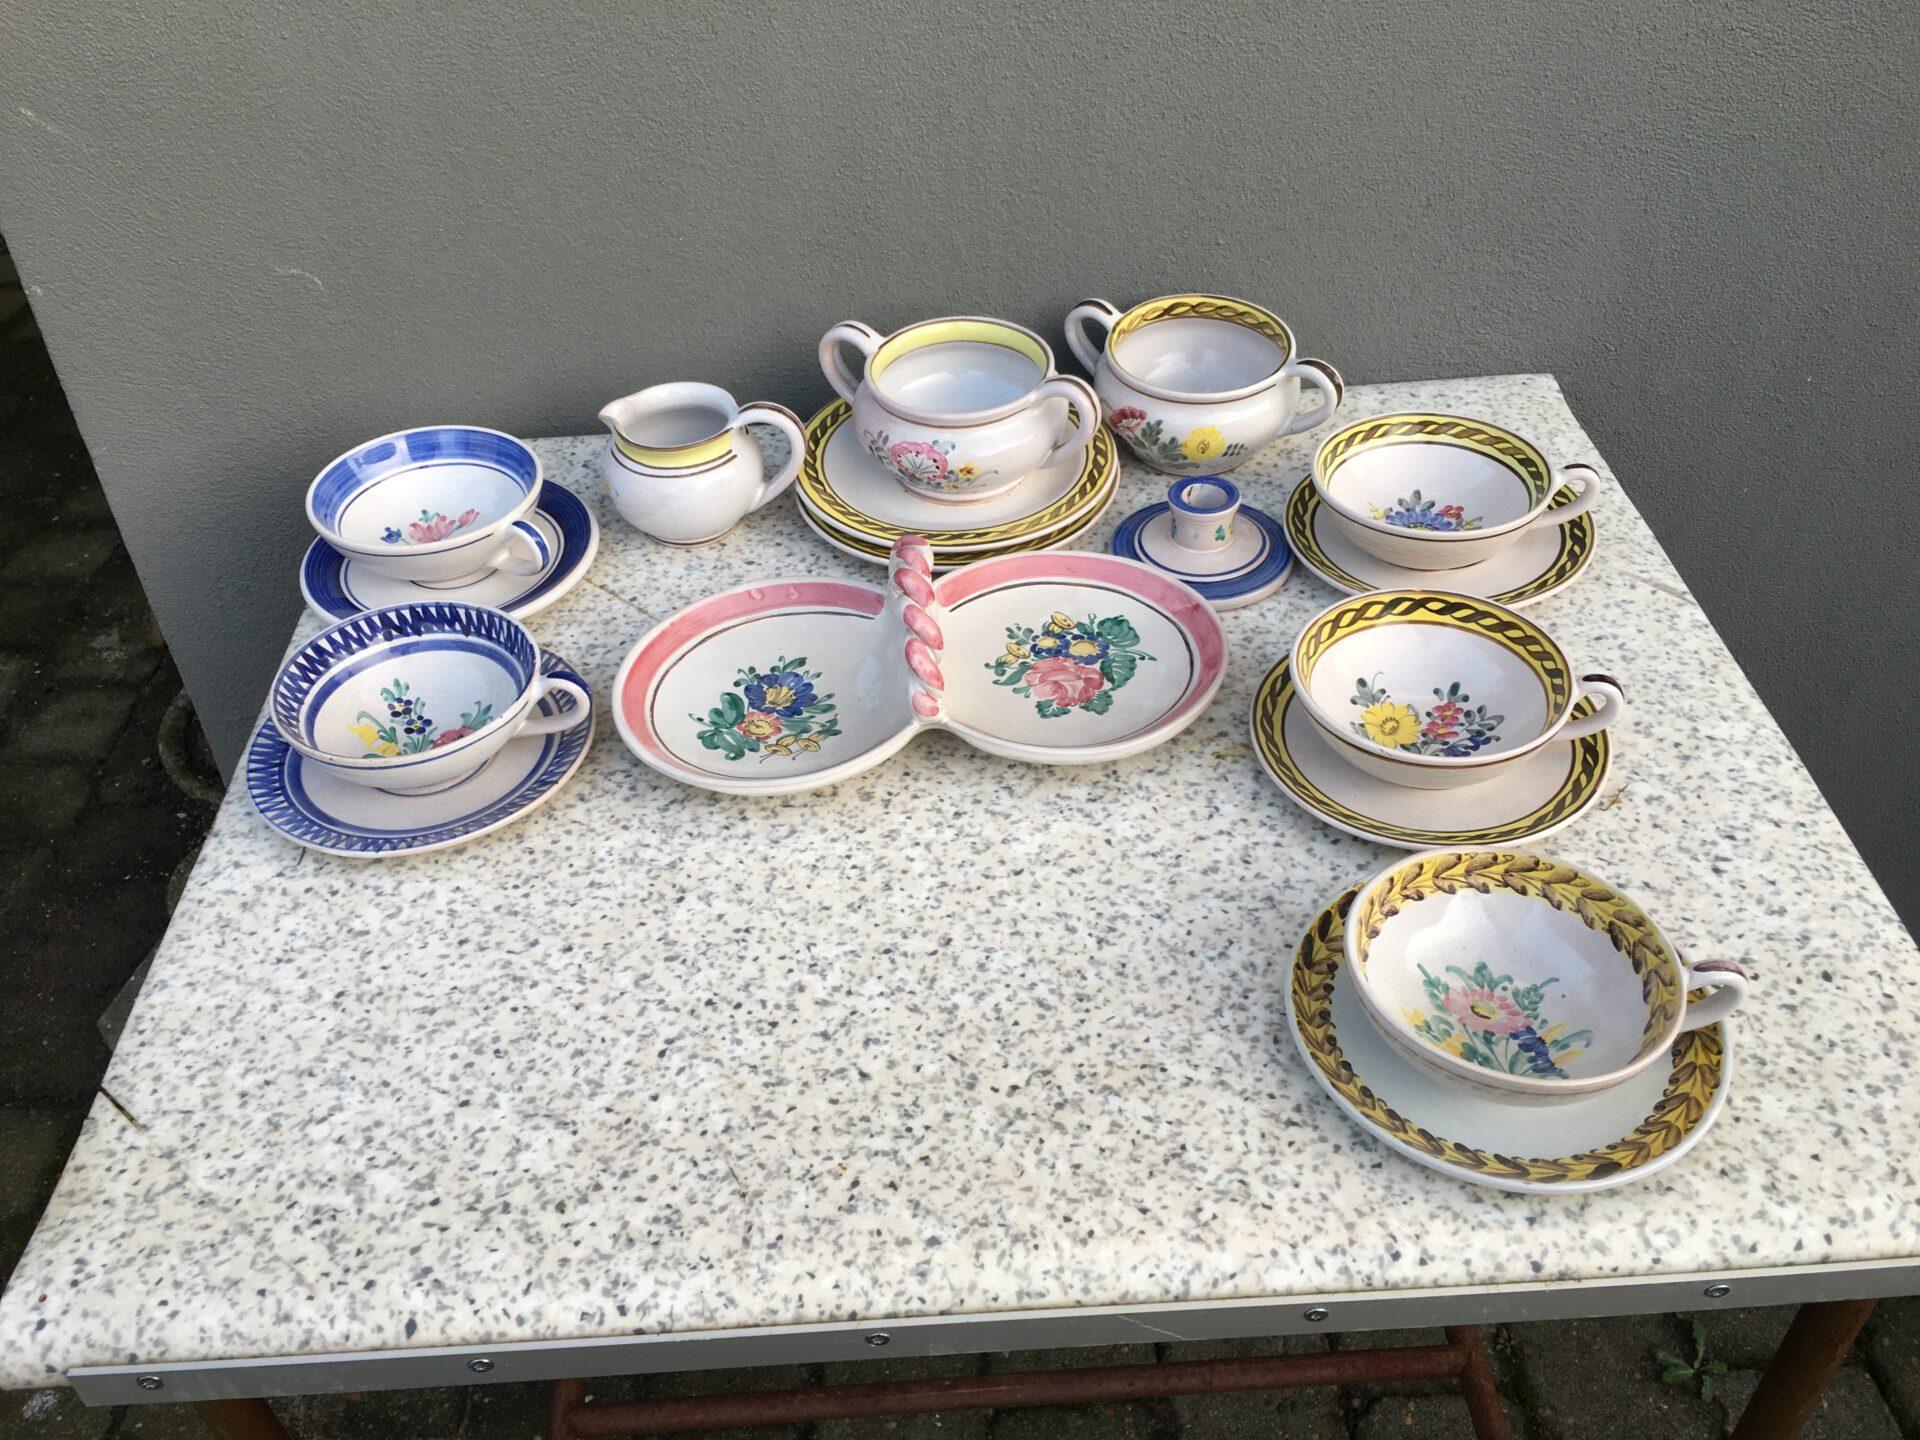 Lars Syberg, keramik, 5 tekopper mm, samlet pris 800kr